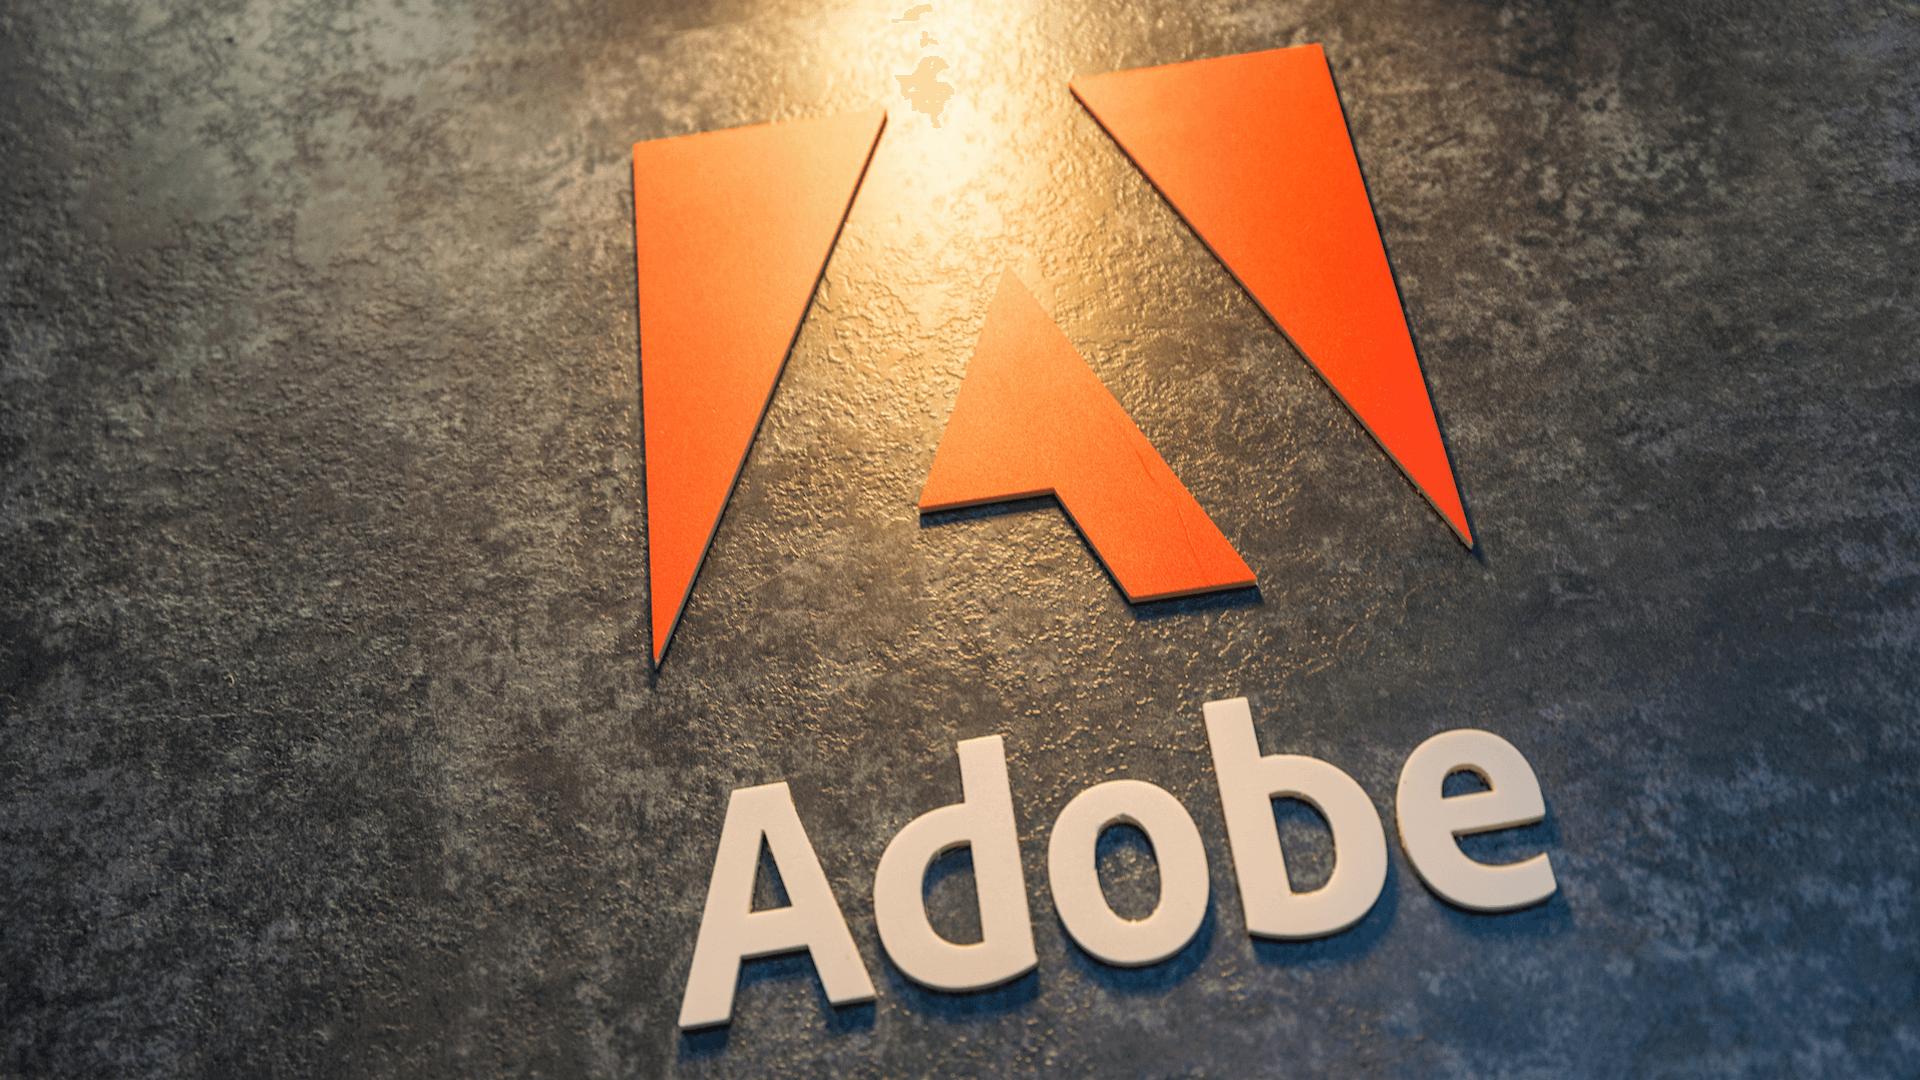 Adobe stock price